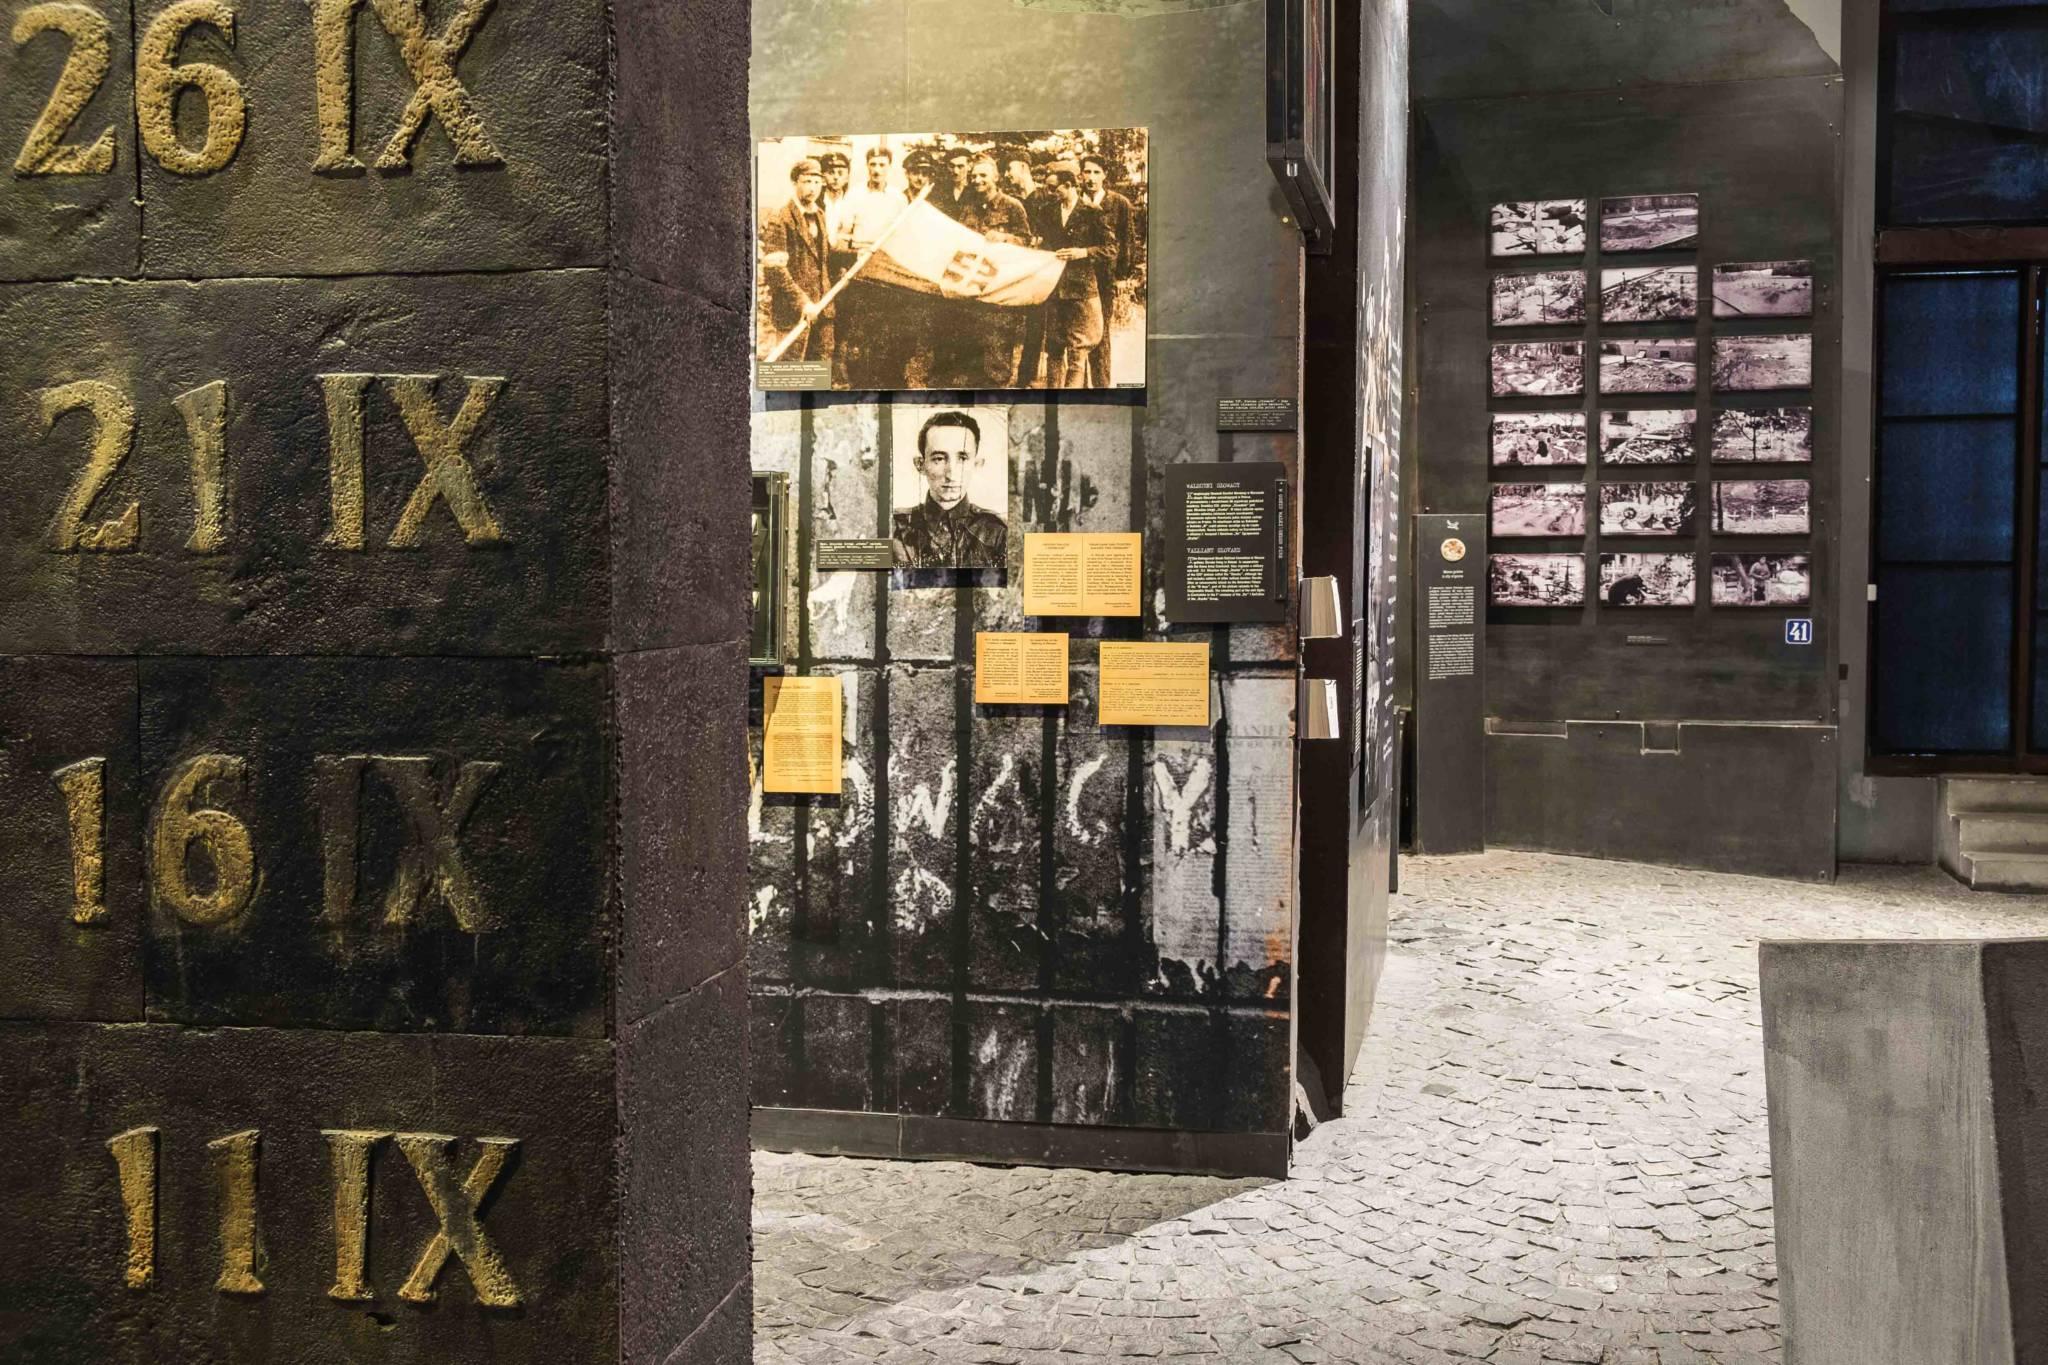 Muzeum Powstania Warszawskiego lr (25 of 37)